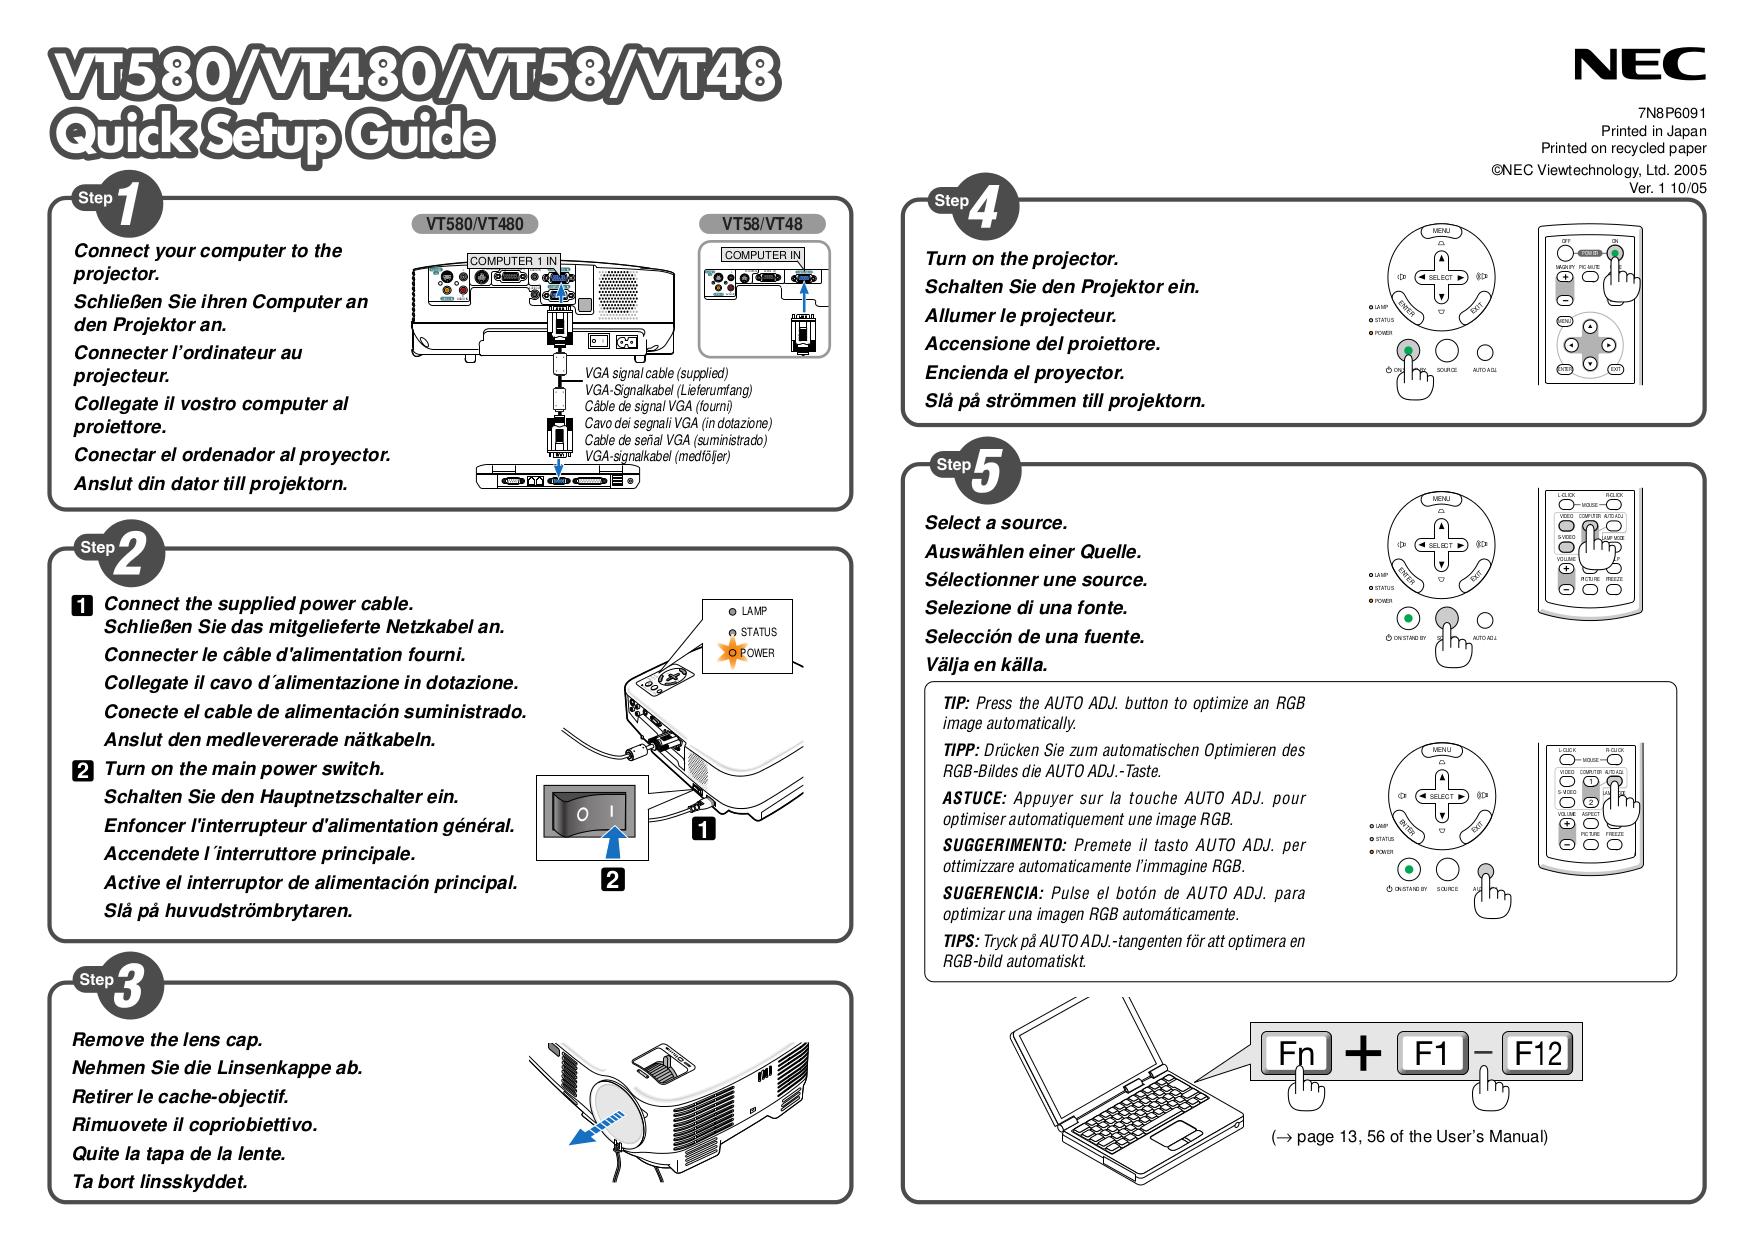 APRIL 2013 AMENDMENTS TO NEC3 SINCE ORIGINAL 2005 PUBLICATION